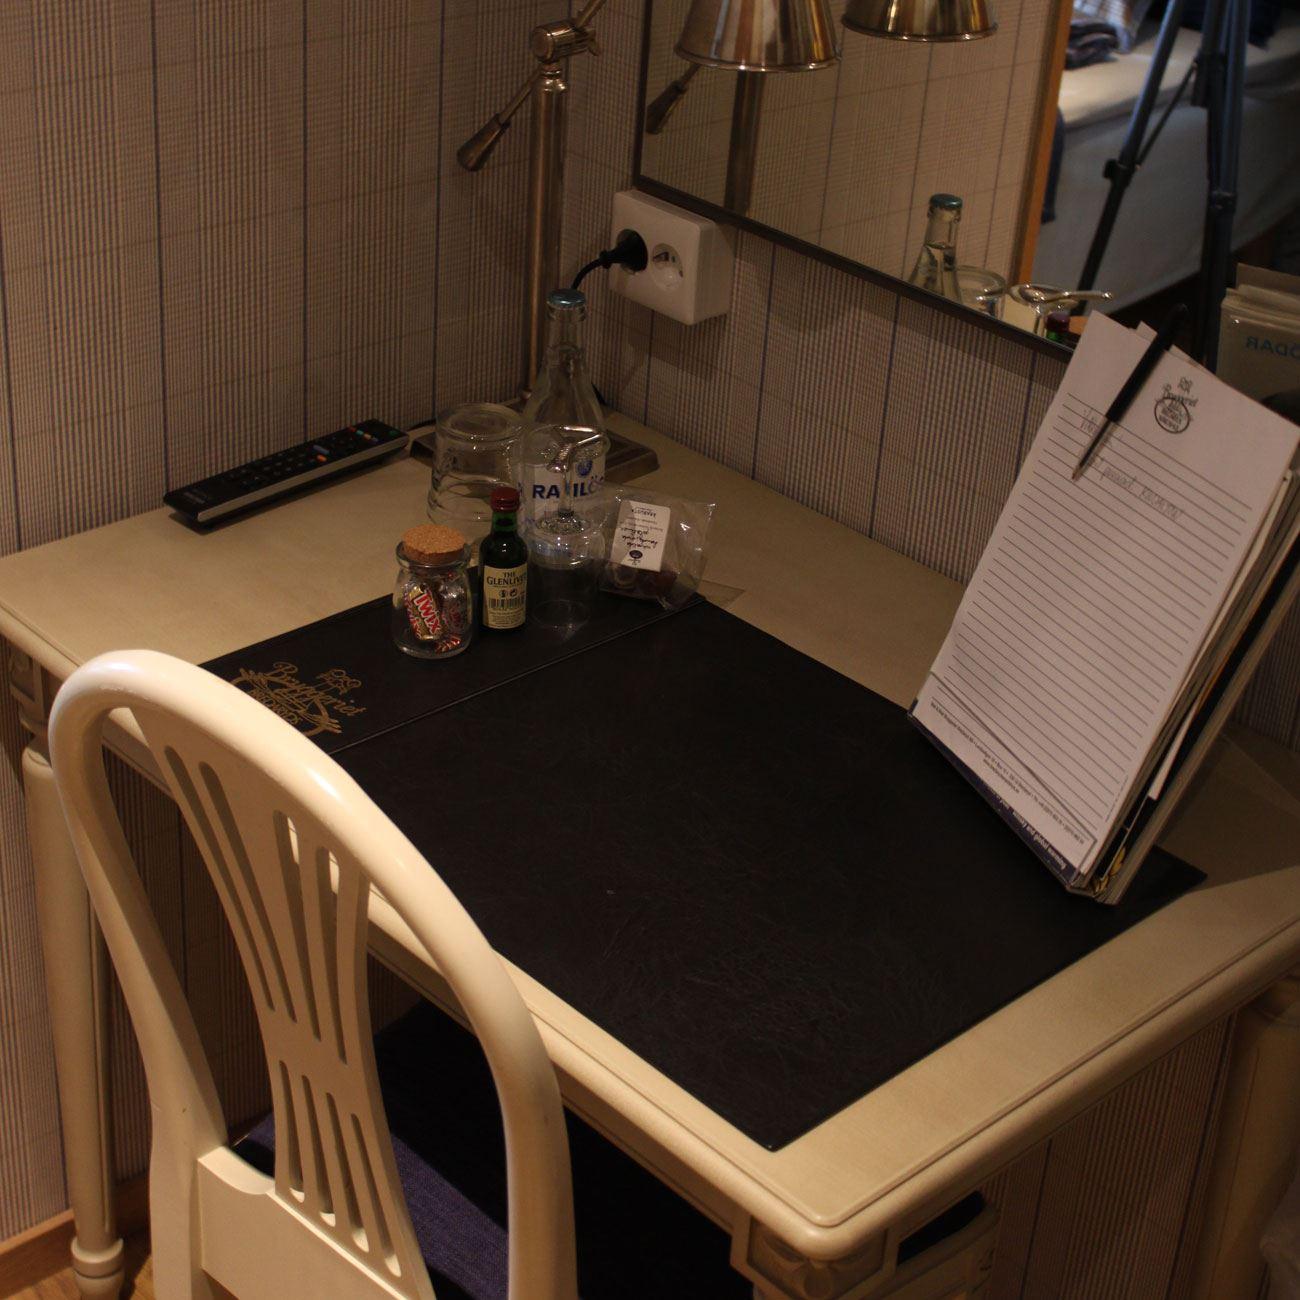 Foto: Värnamo Näringsliv AB,  © Värnamo Näringsliv AB , Bredaryds Wärdshus